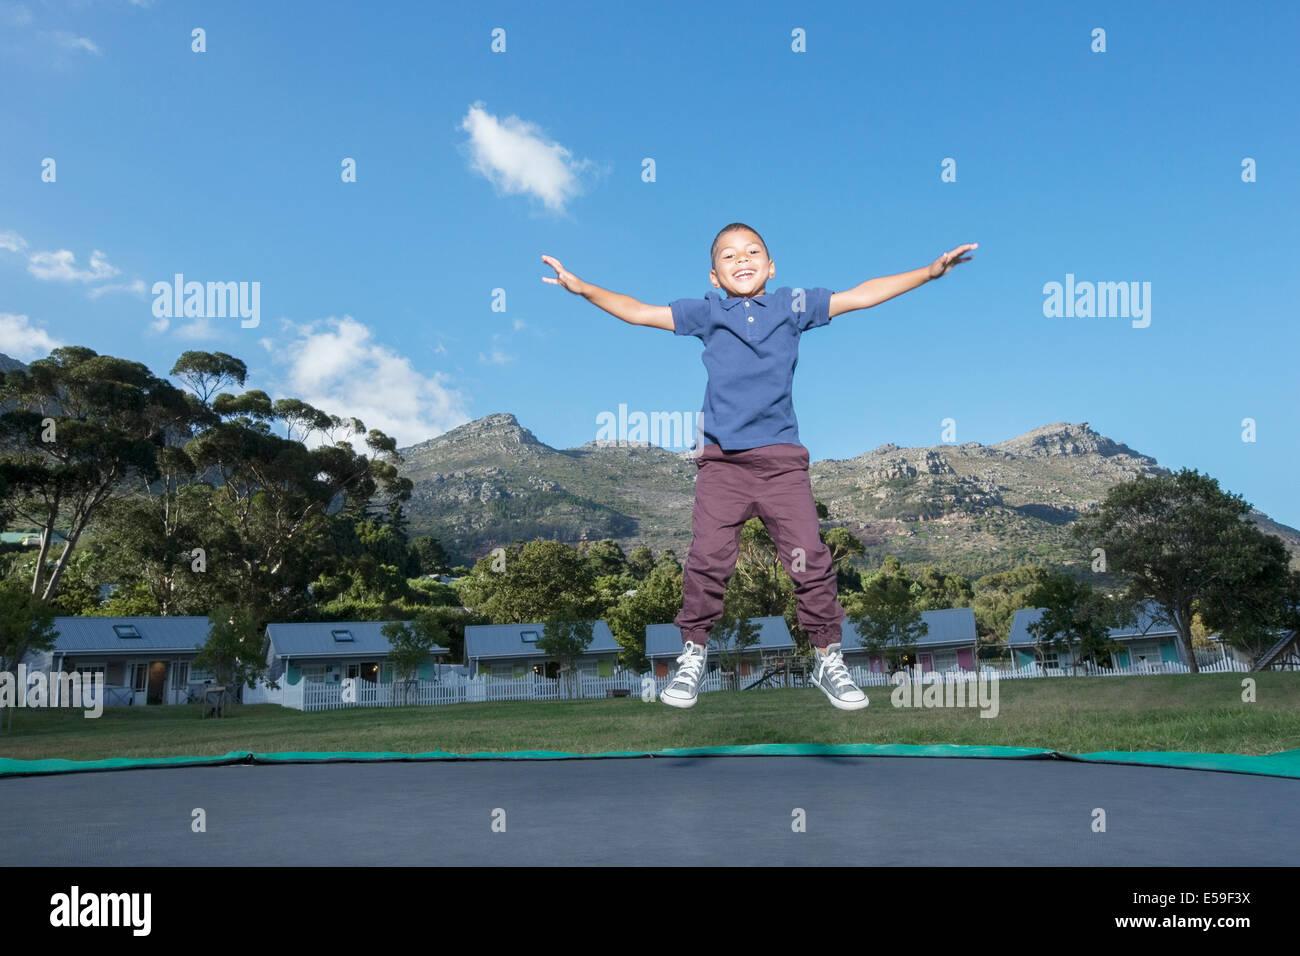 Ragazzo di saltare sul trampolino all'aperto Immagini Stock